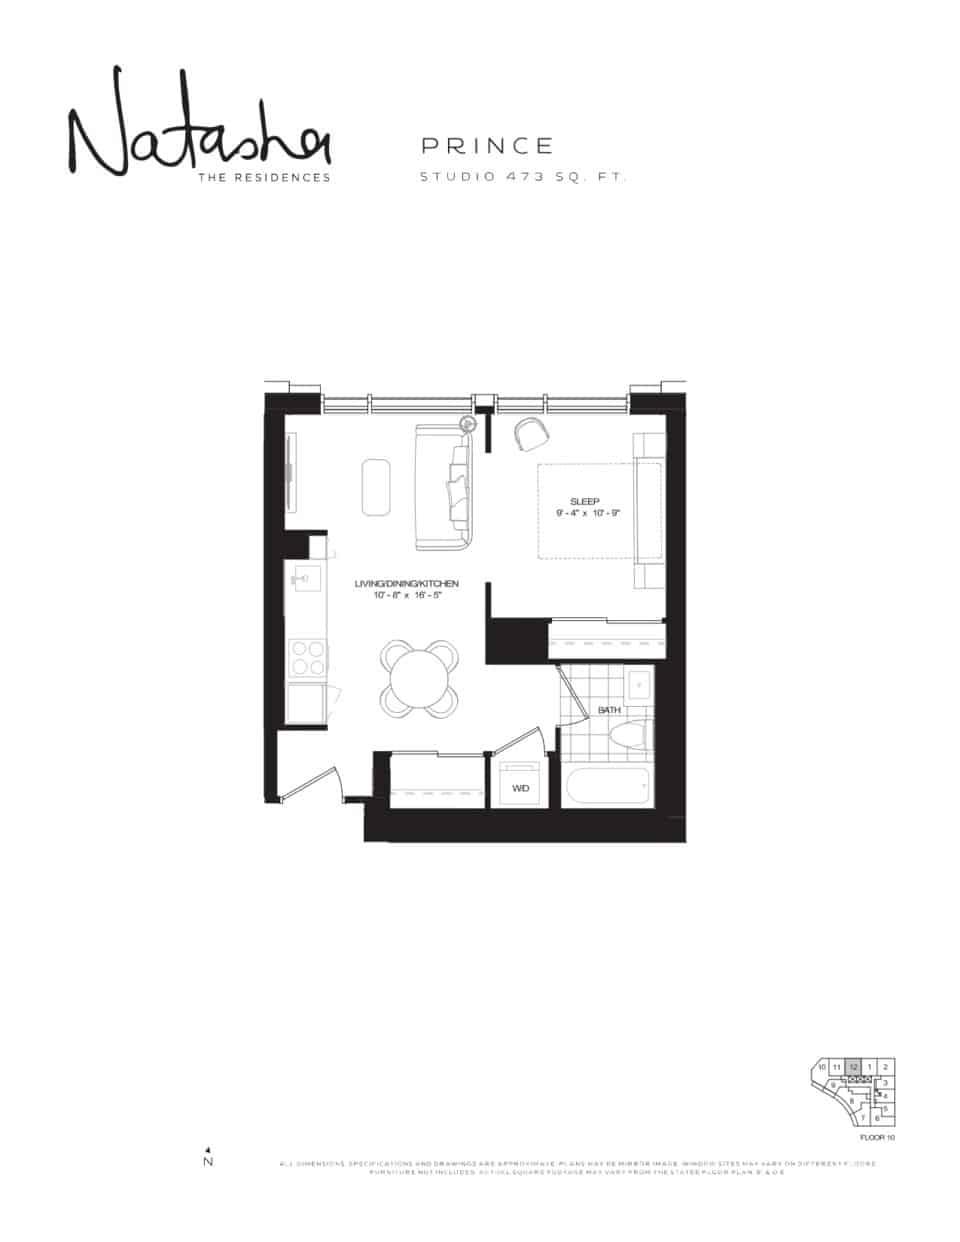 2021 09 02 11 03 01 natashatheresidences lanterradevelopments floorplans prince